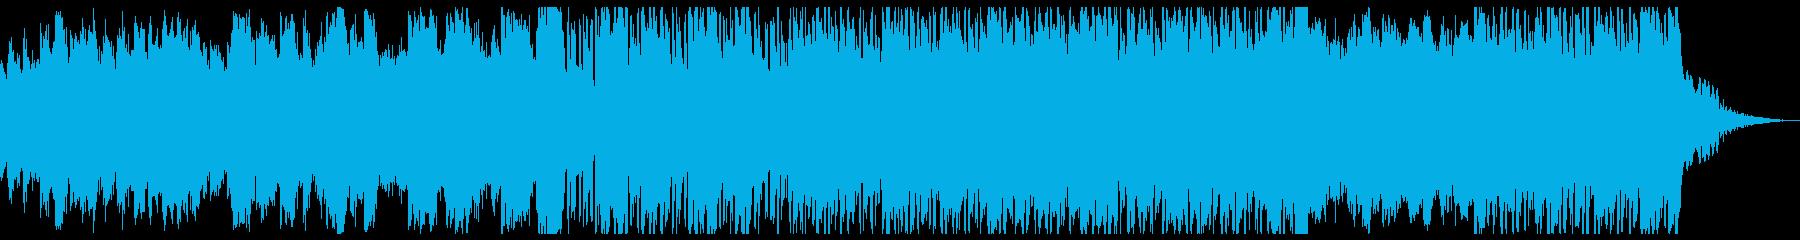 水と疾走感のリキッドドラムンベースの再生済みの波形